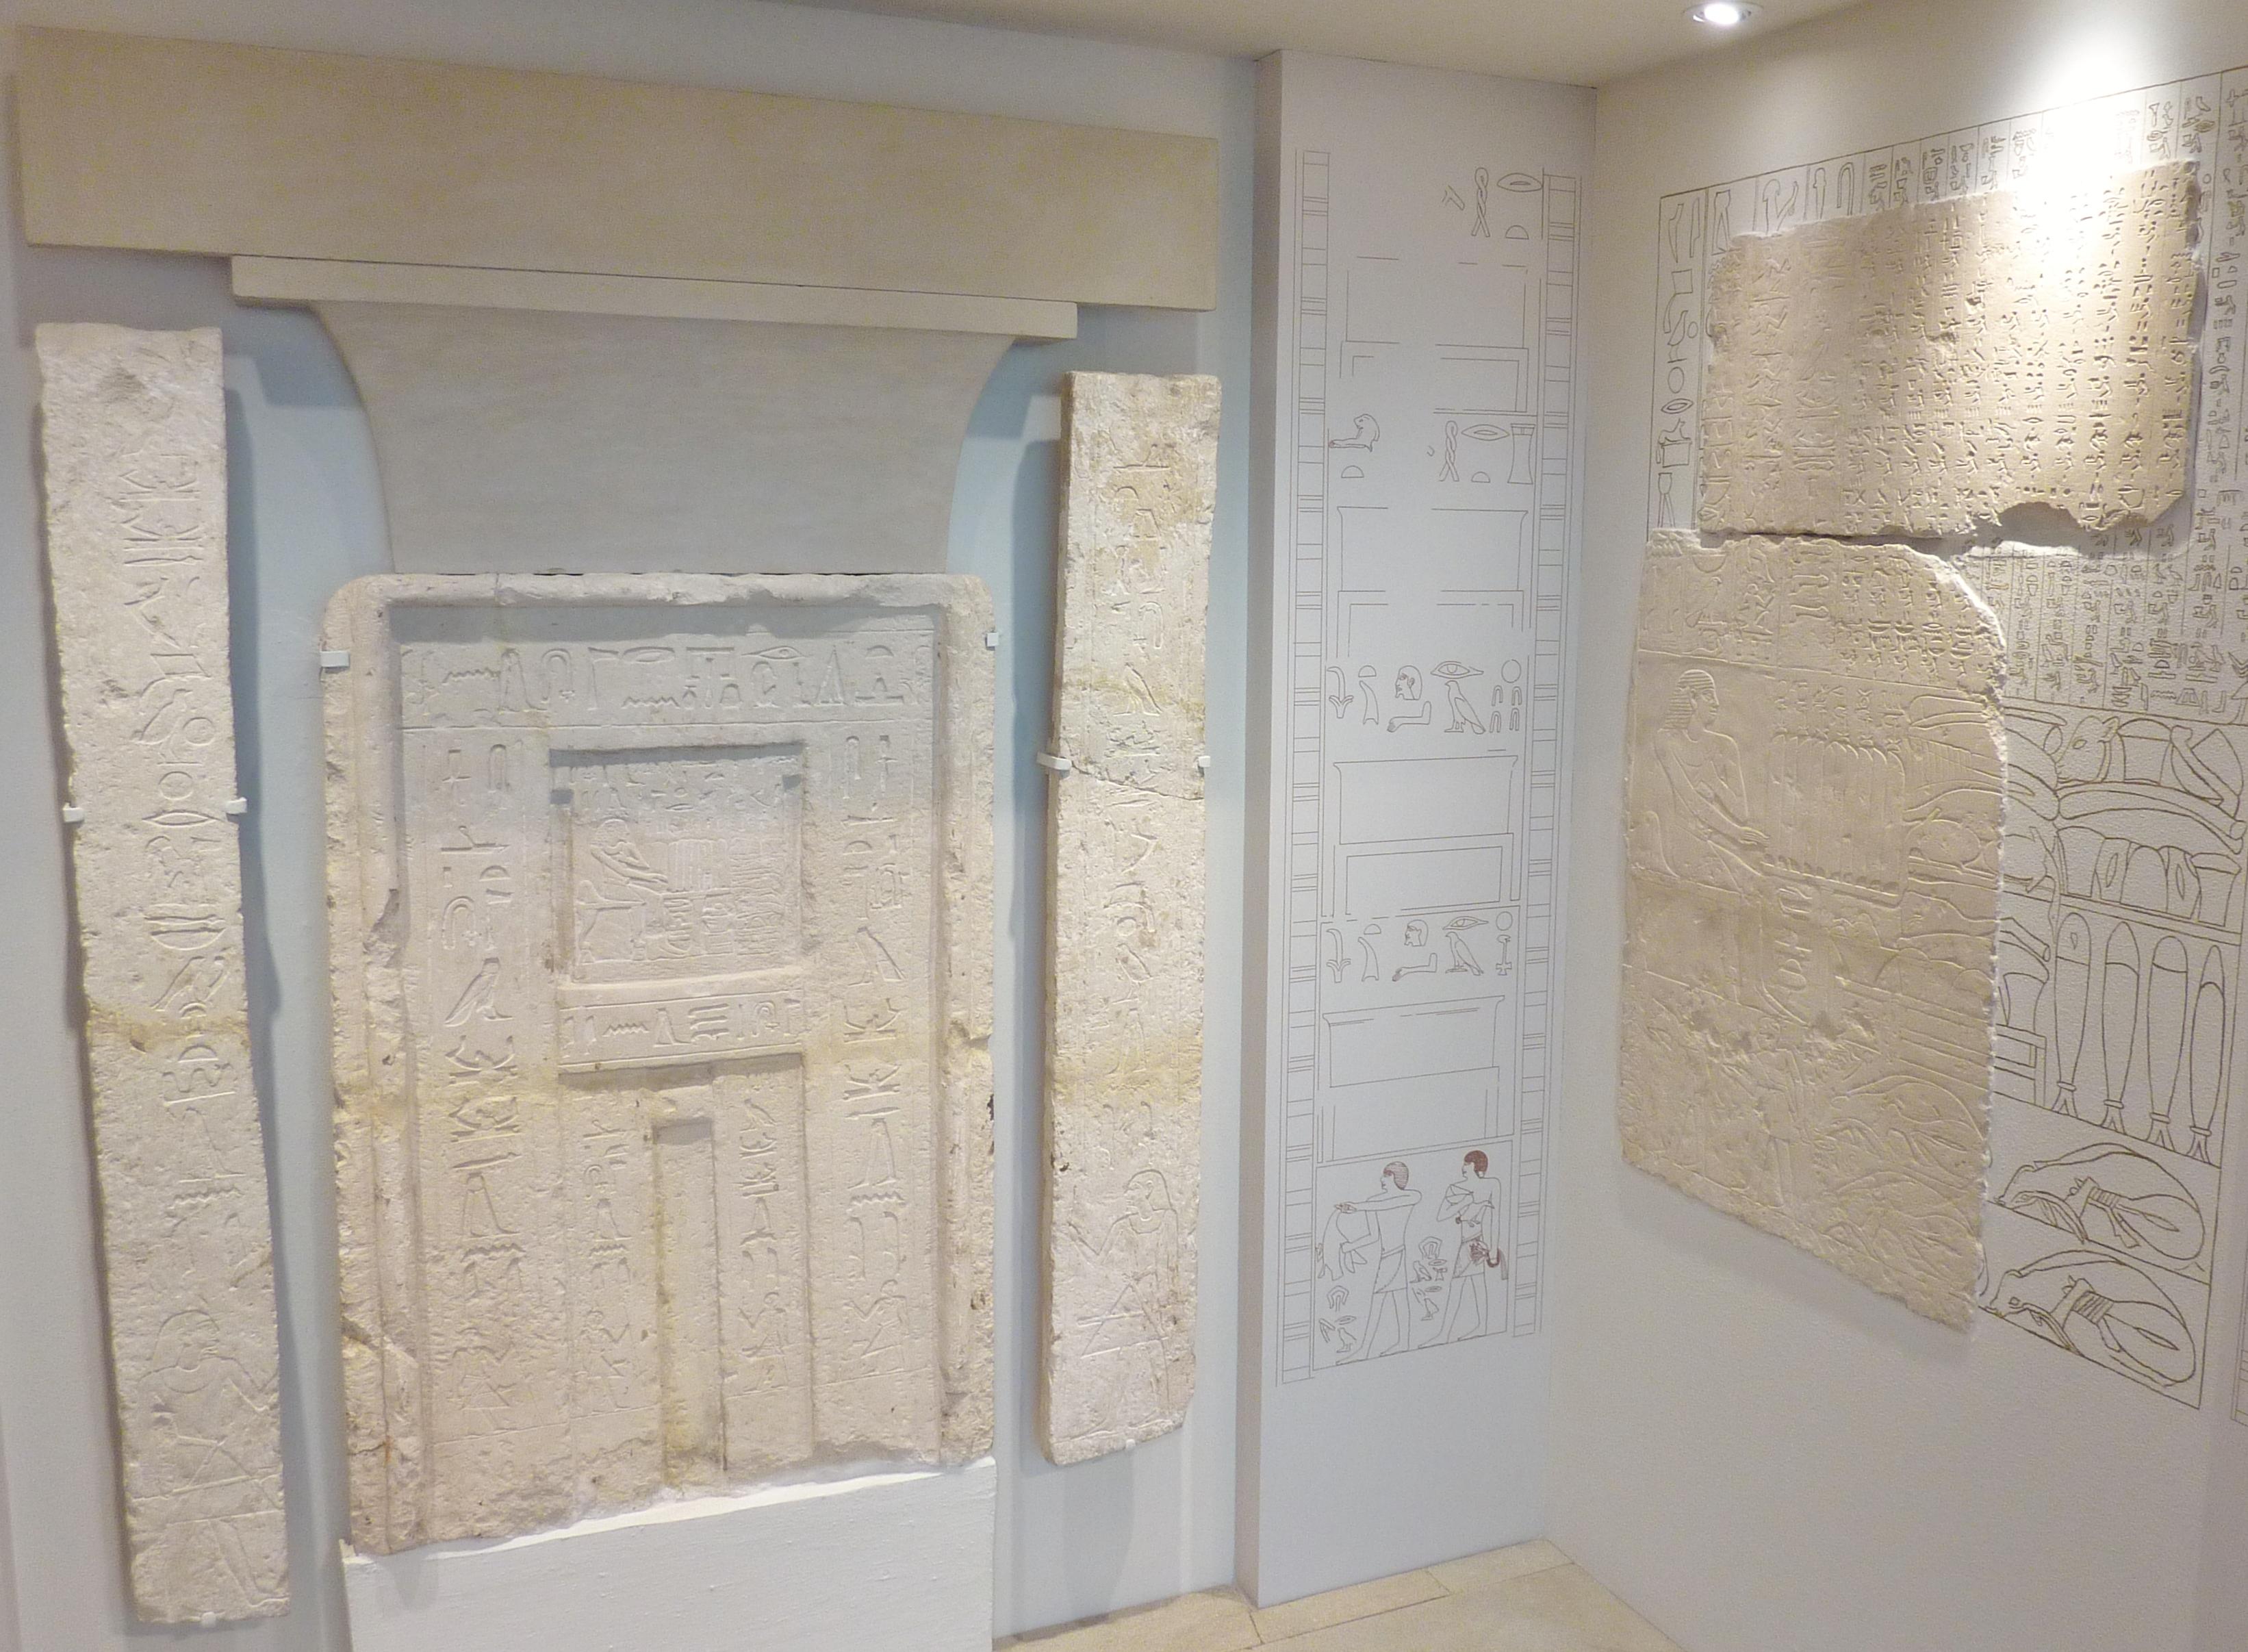 Iny_tomb